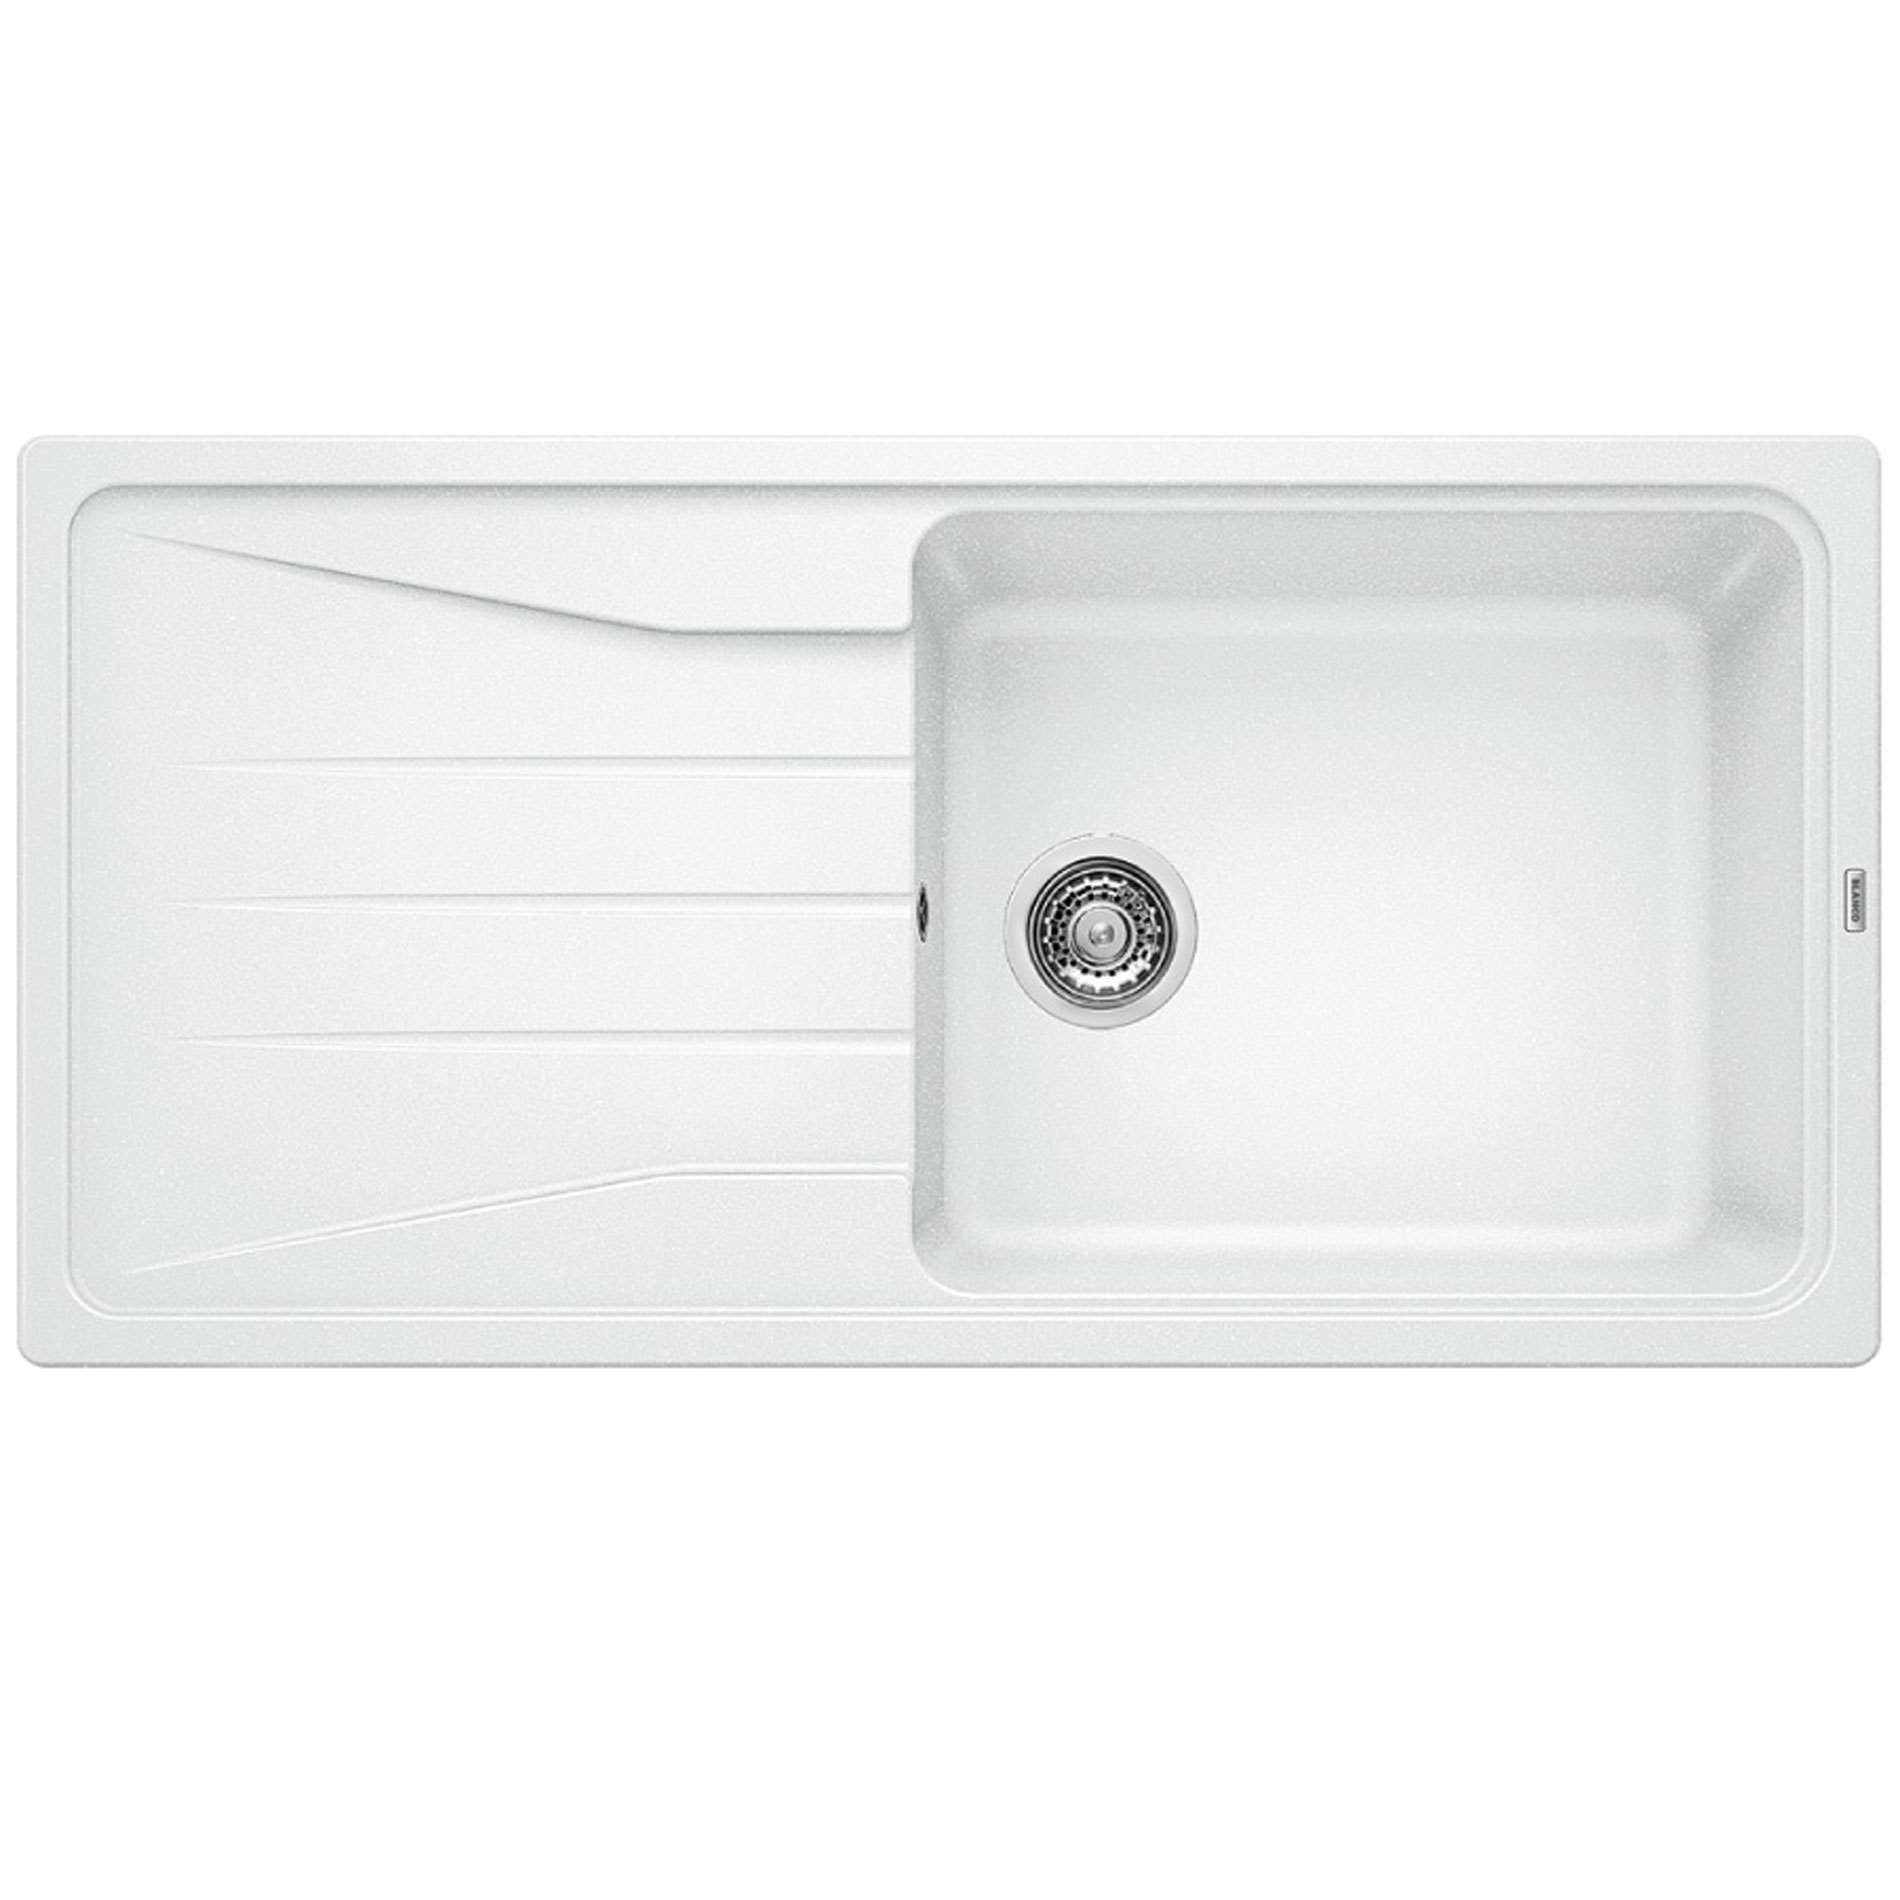 Blanco Sona Xl 6 S White Silgranit Sink Kitchen Sinks